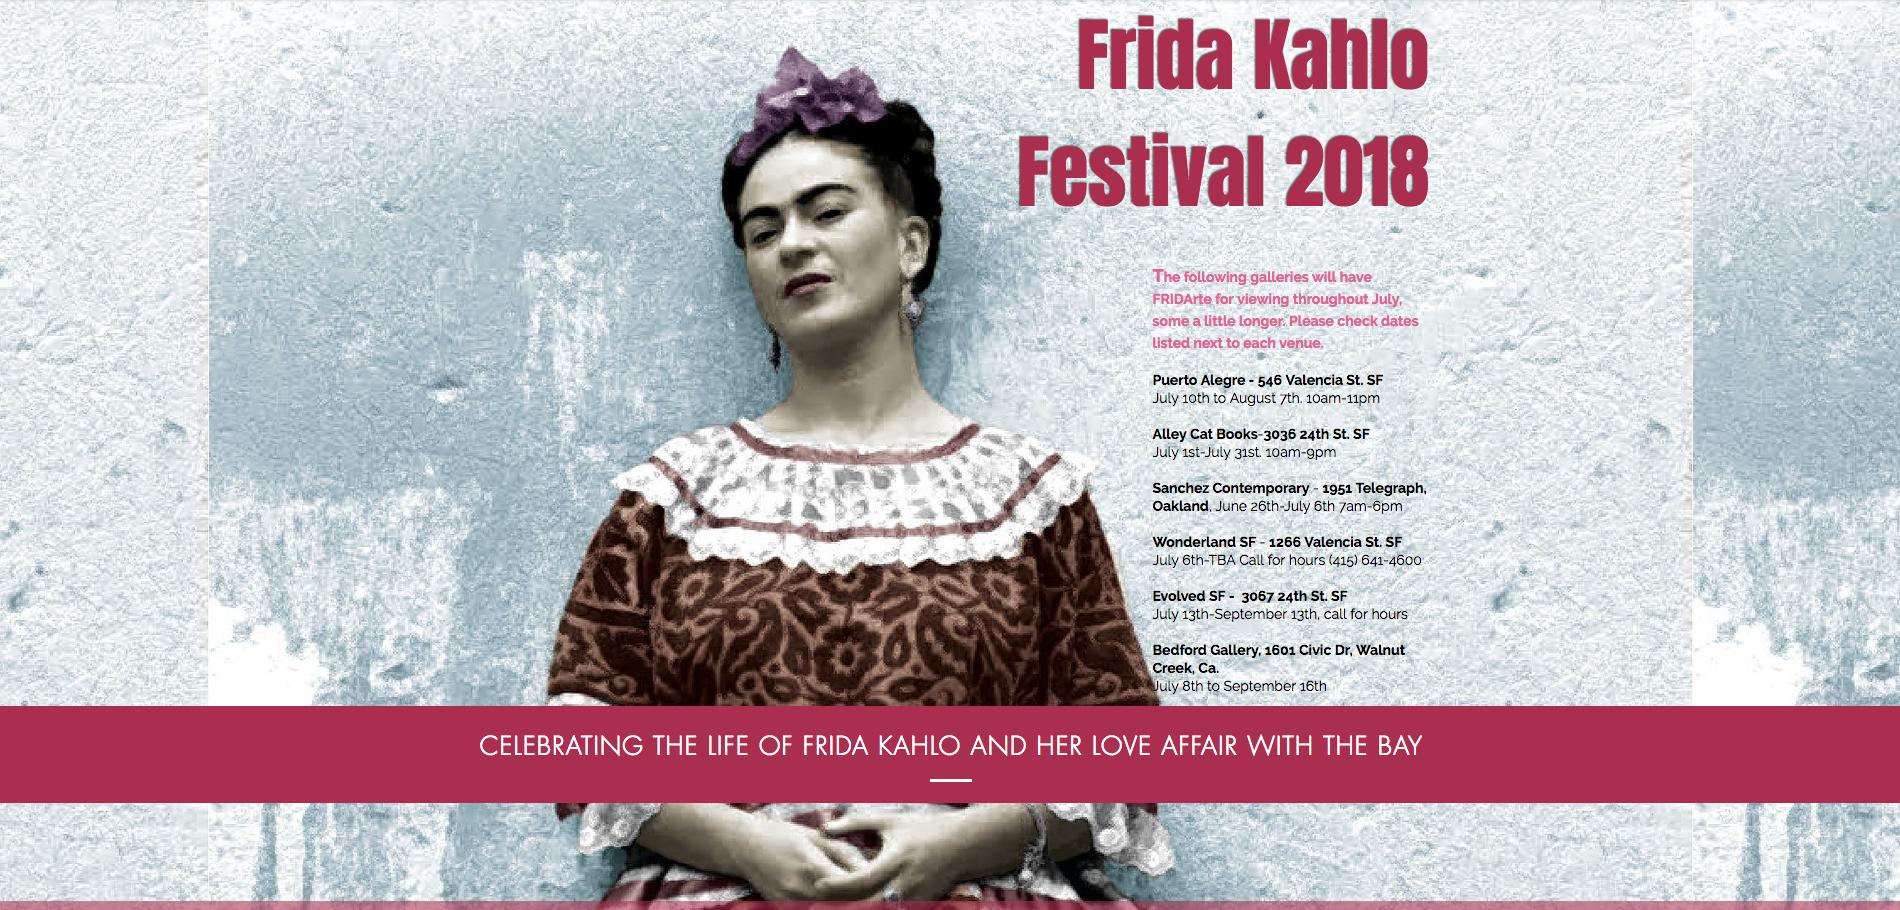 Frida Kahlo Festival 2018